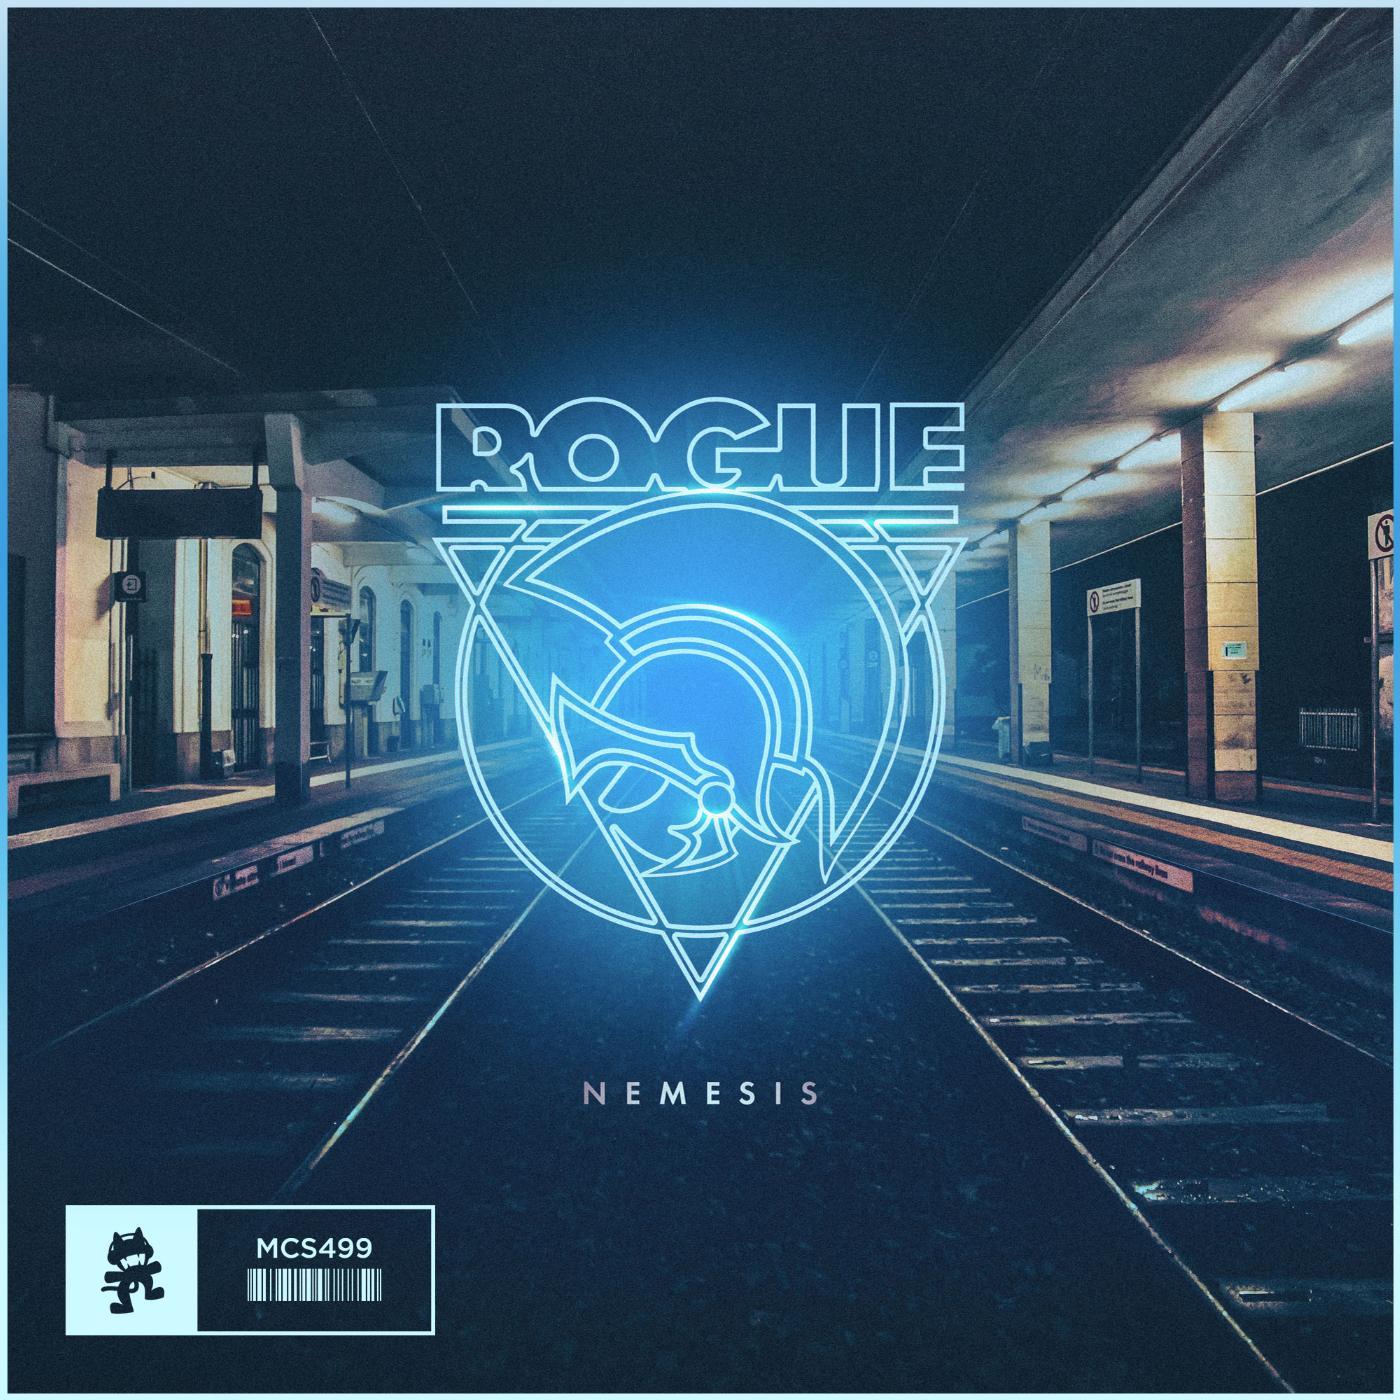 Nemesis (Rogue)